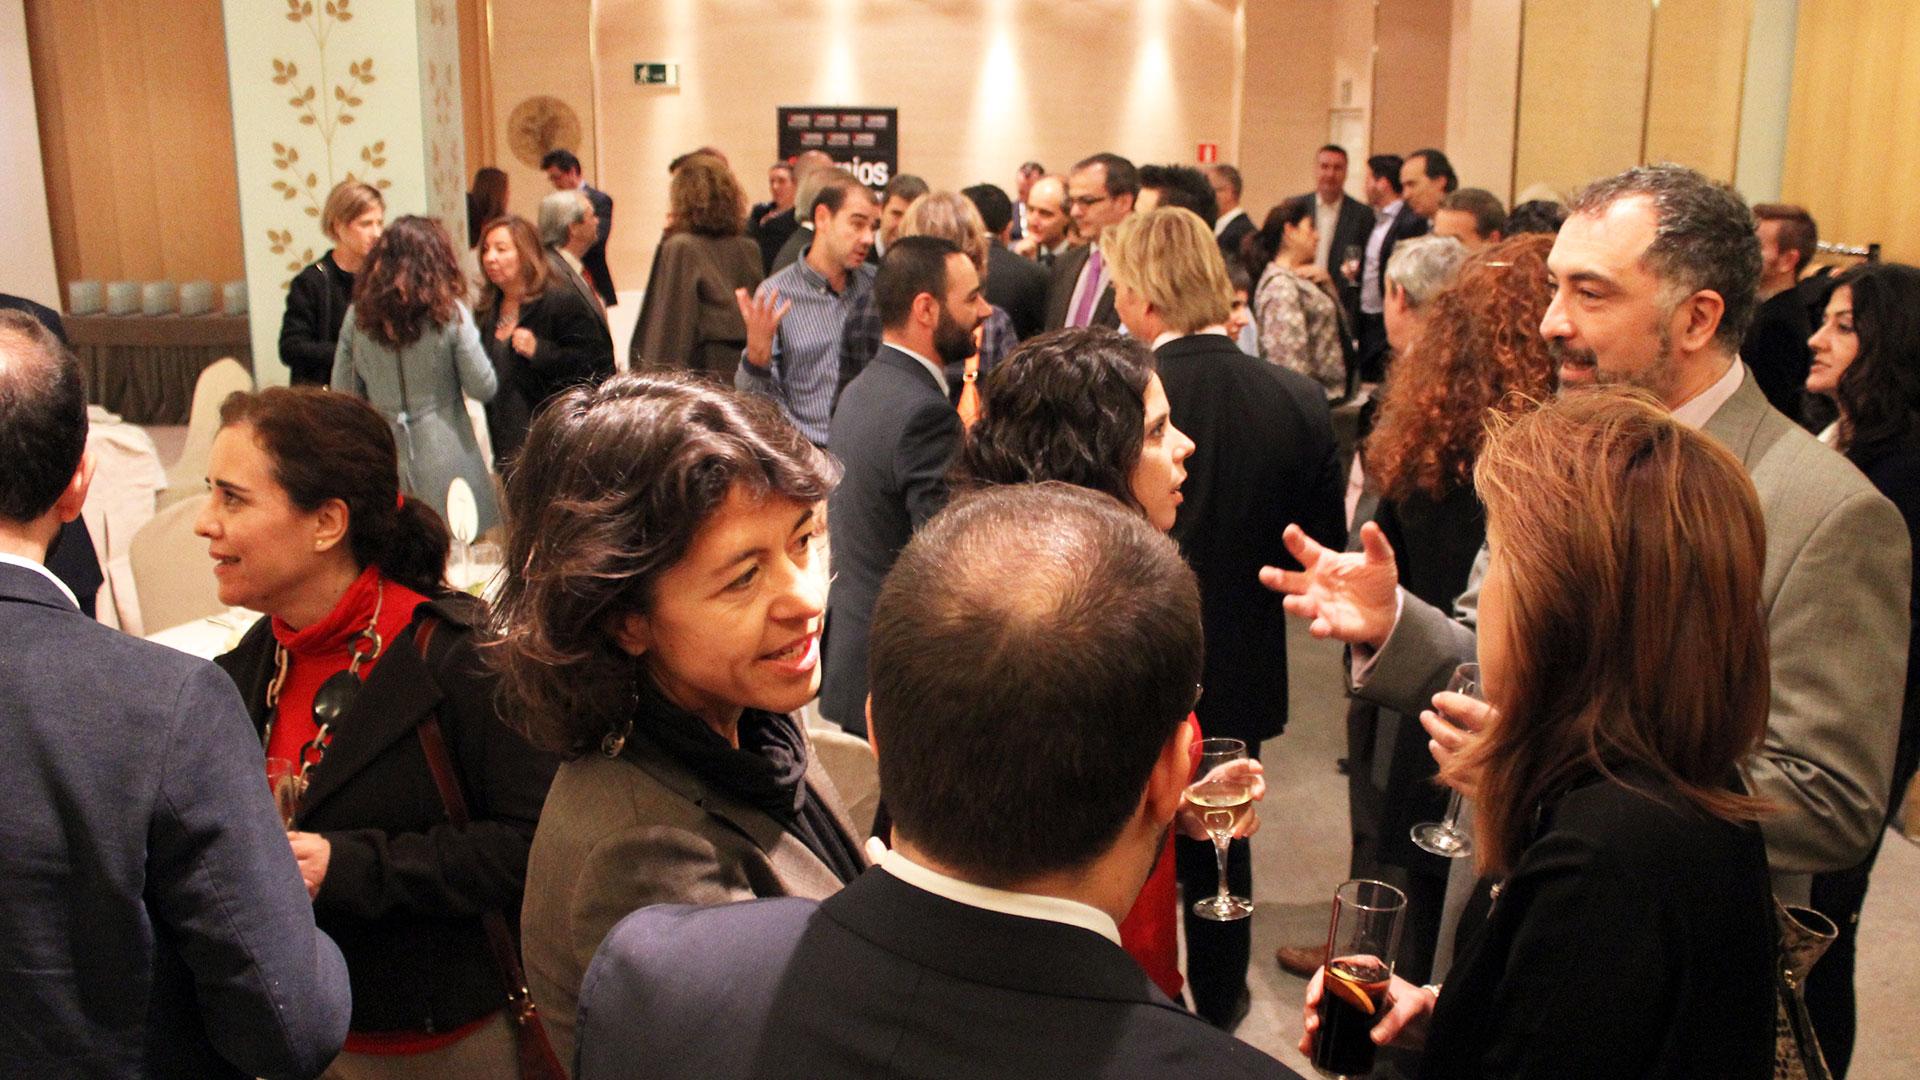 premios-mc2015-evento-comida-hotel-hesperia-asistentes-01